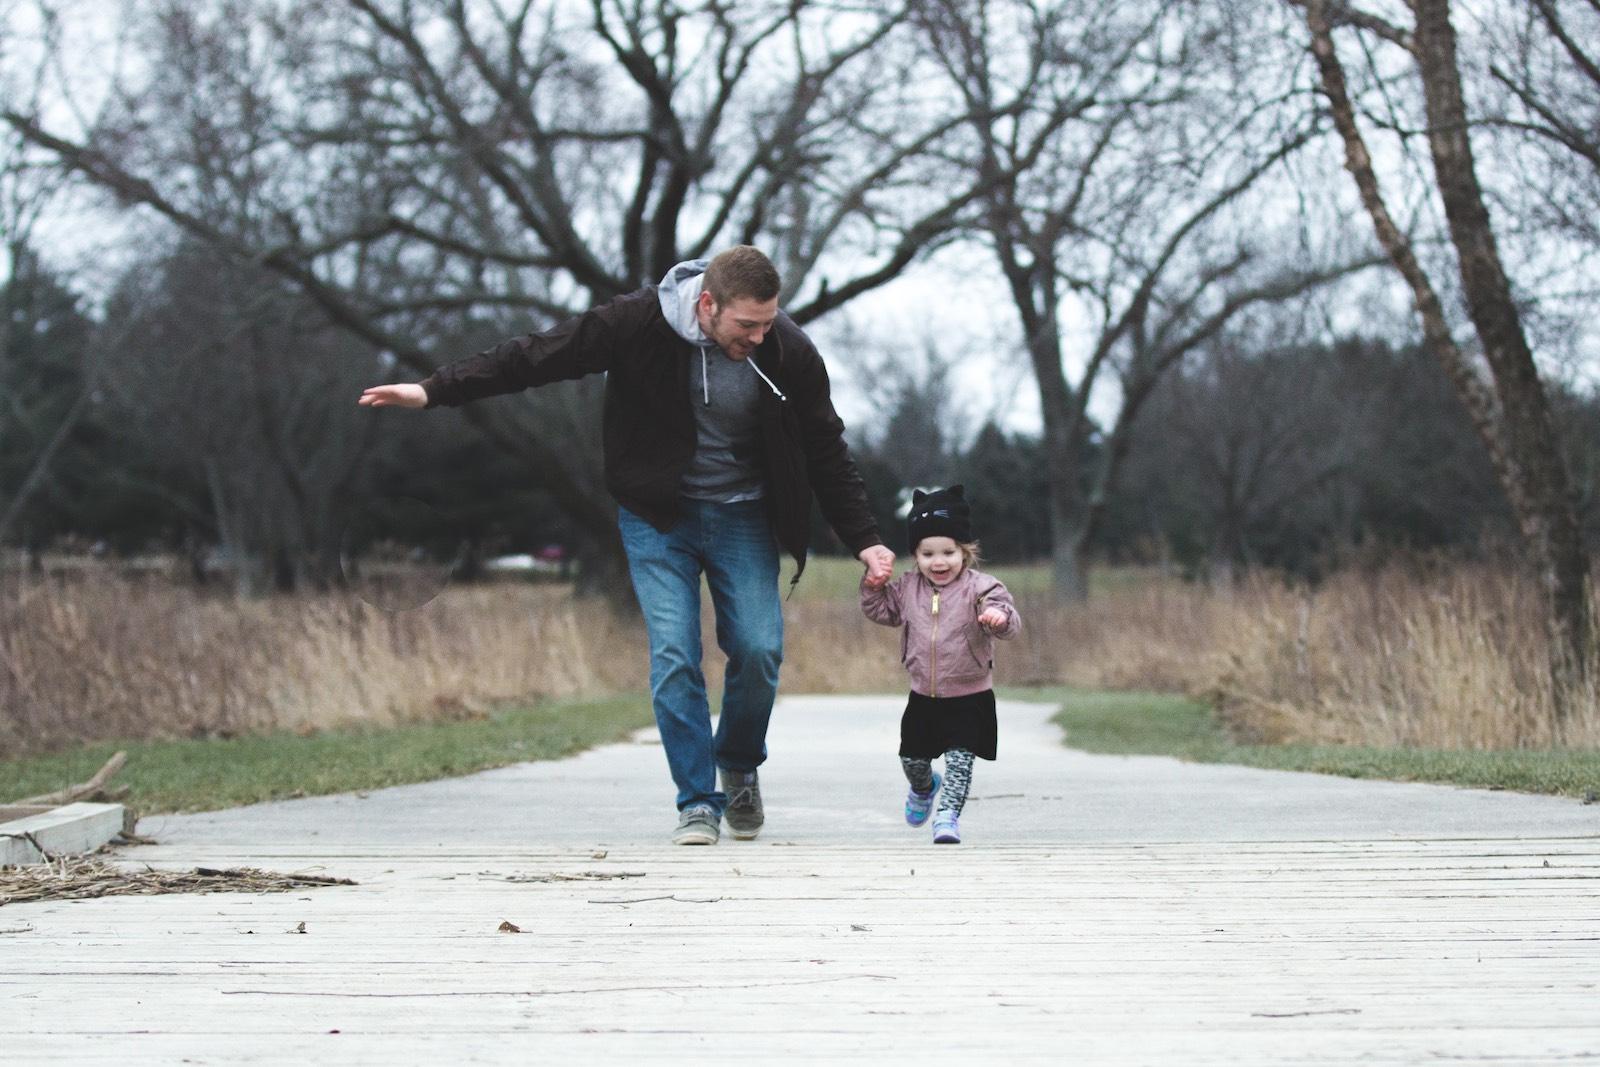 Väterseminar - Ruth Karner